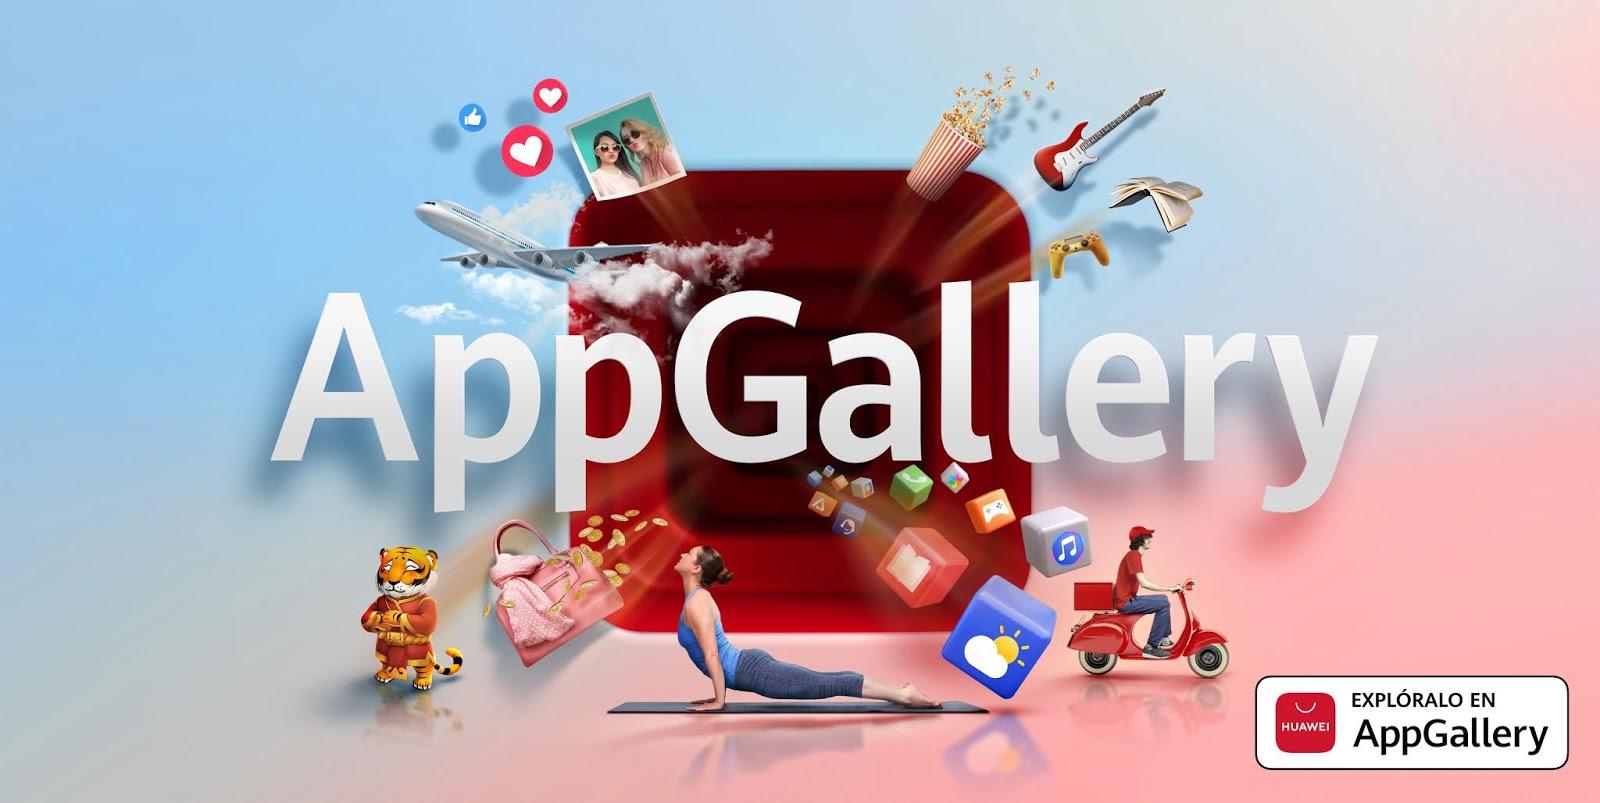 Huawei: Las apps que necesitas para trabajar desde casa están en Appgallery